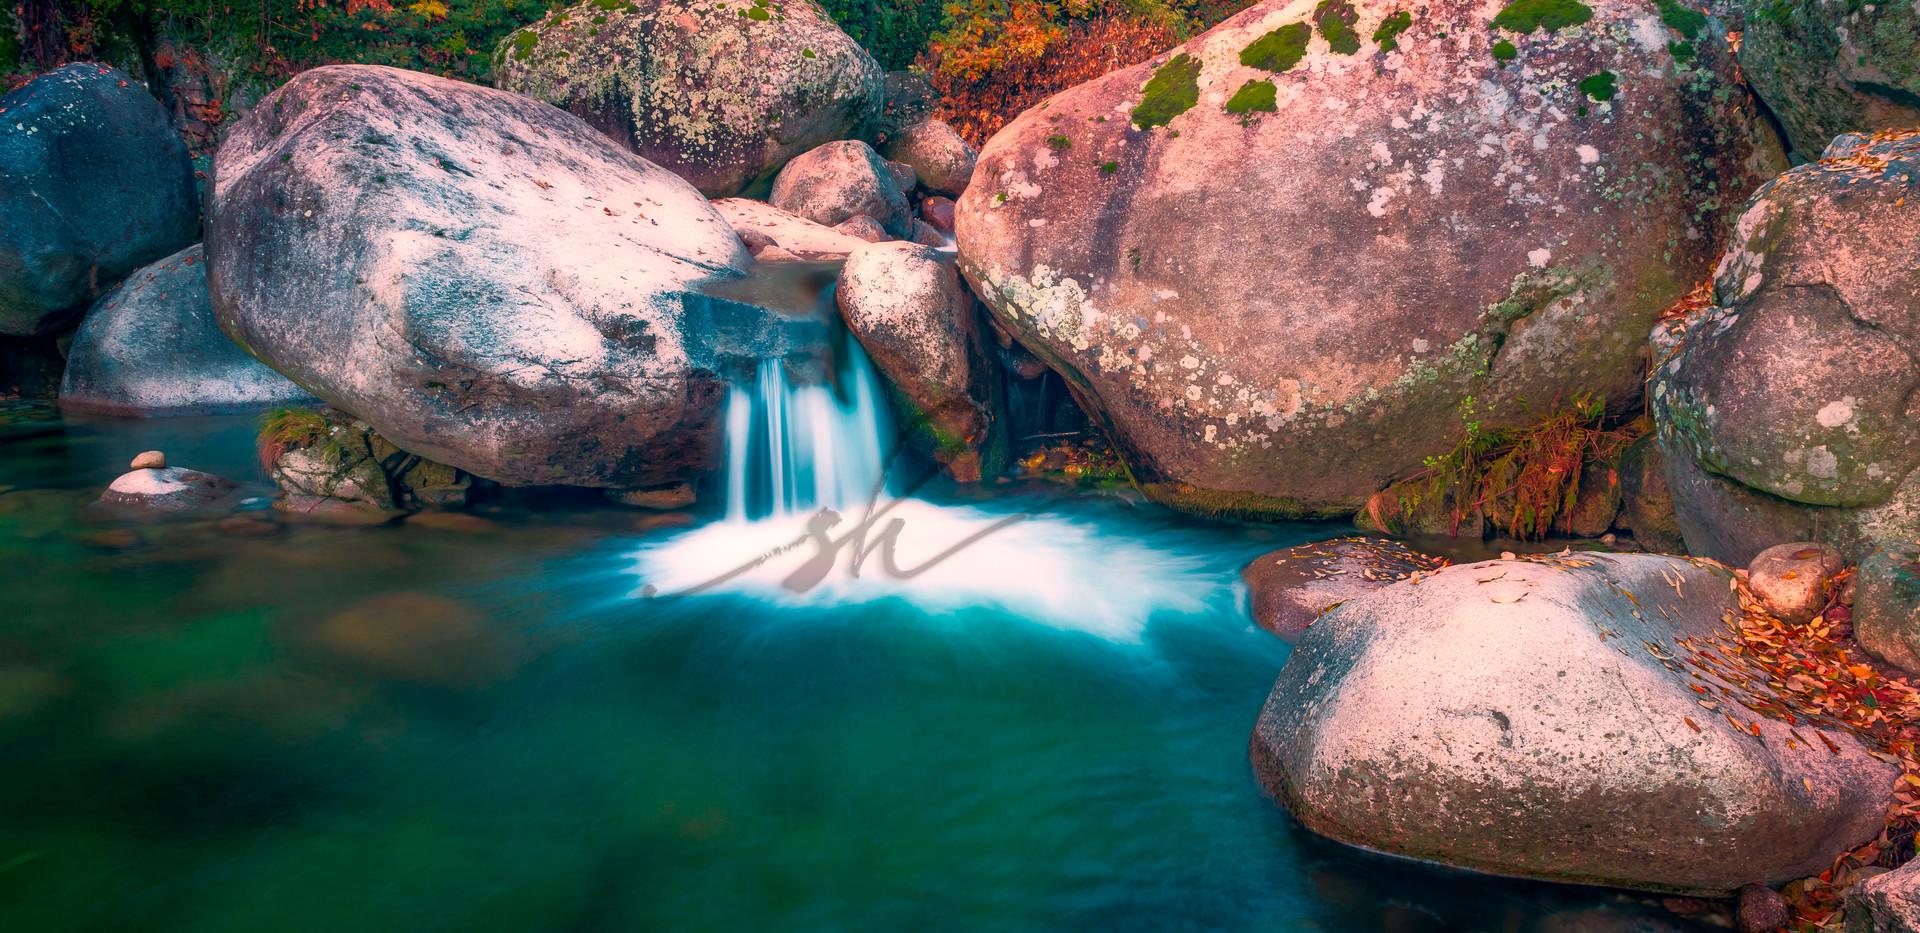 Cascada-del-guijo.jpg